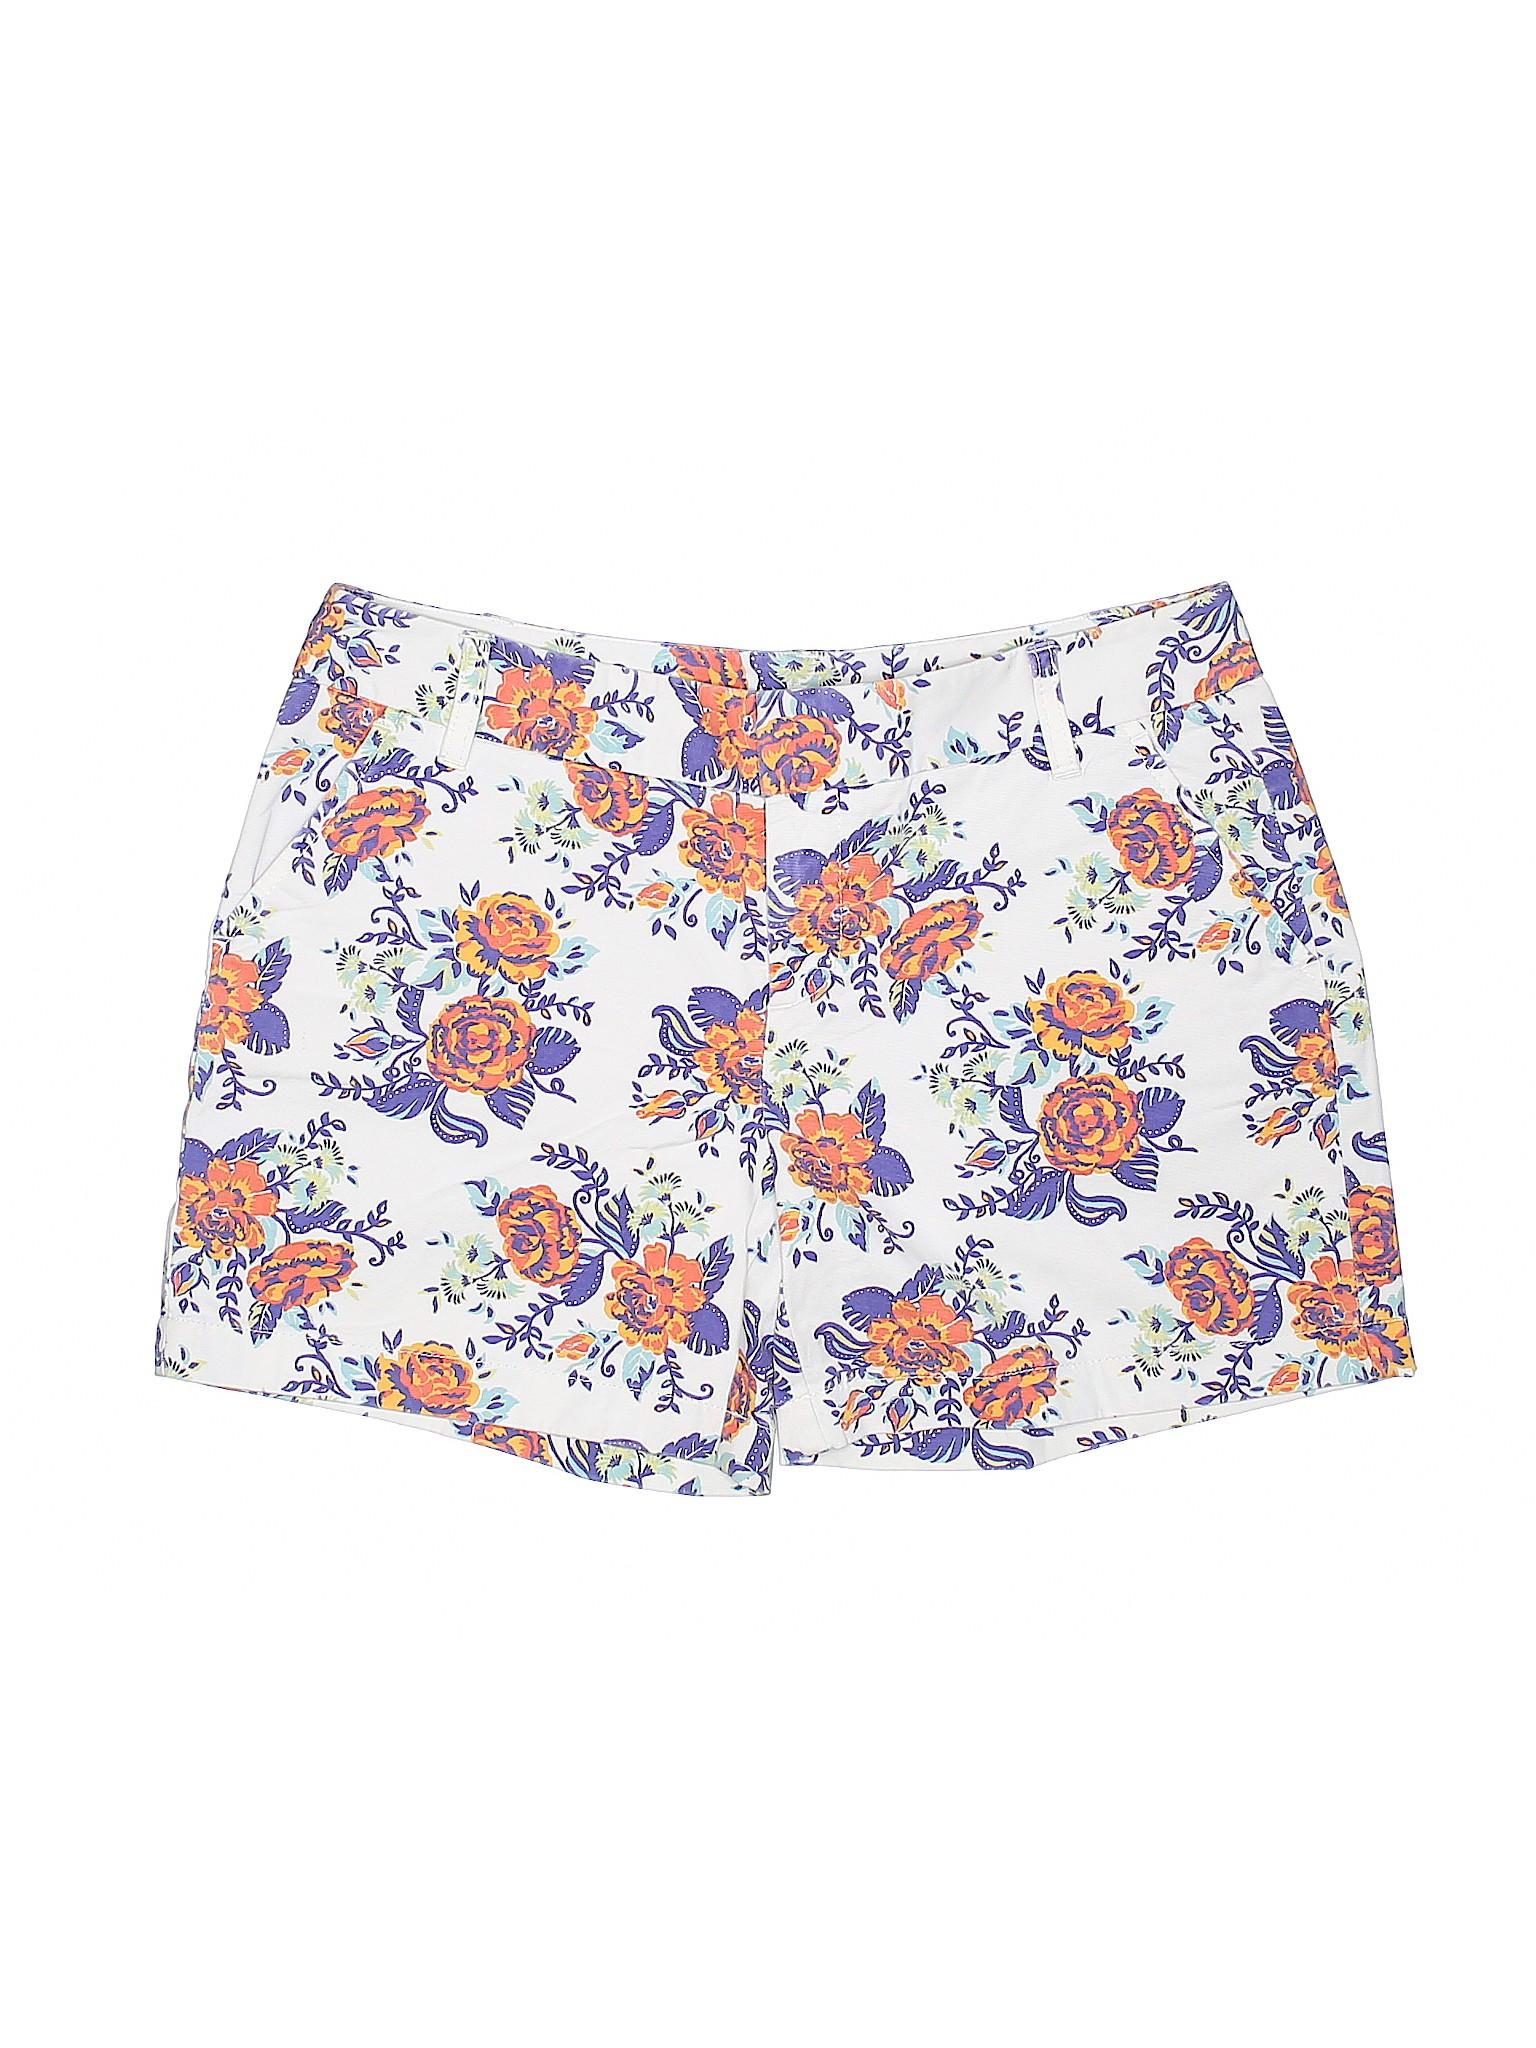 Boutique Caslon Shorts Shorts Caslon Boutique Caslon Shorts Shorts Boutique Boutique Caslon Boutique EUz7AqwBU